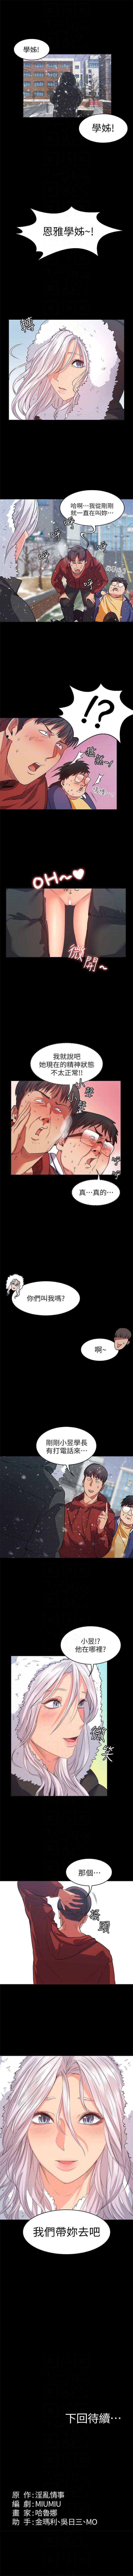 (周2)退货女友 1-23 中文翻译(更新中) 75